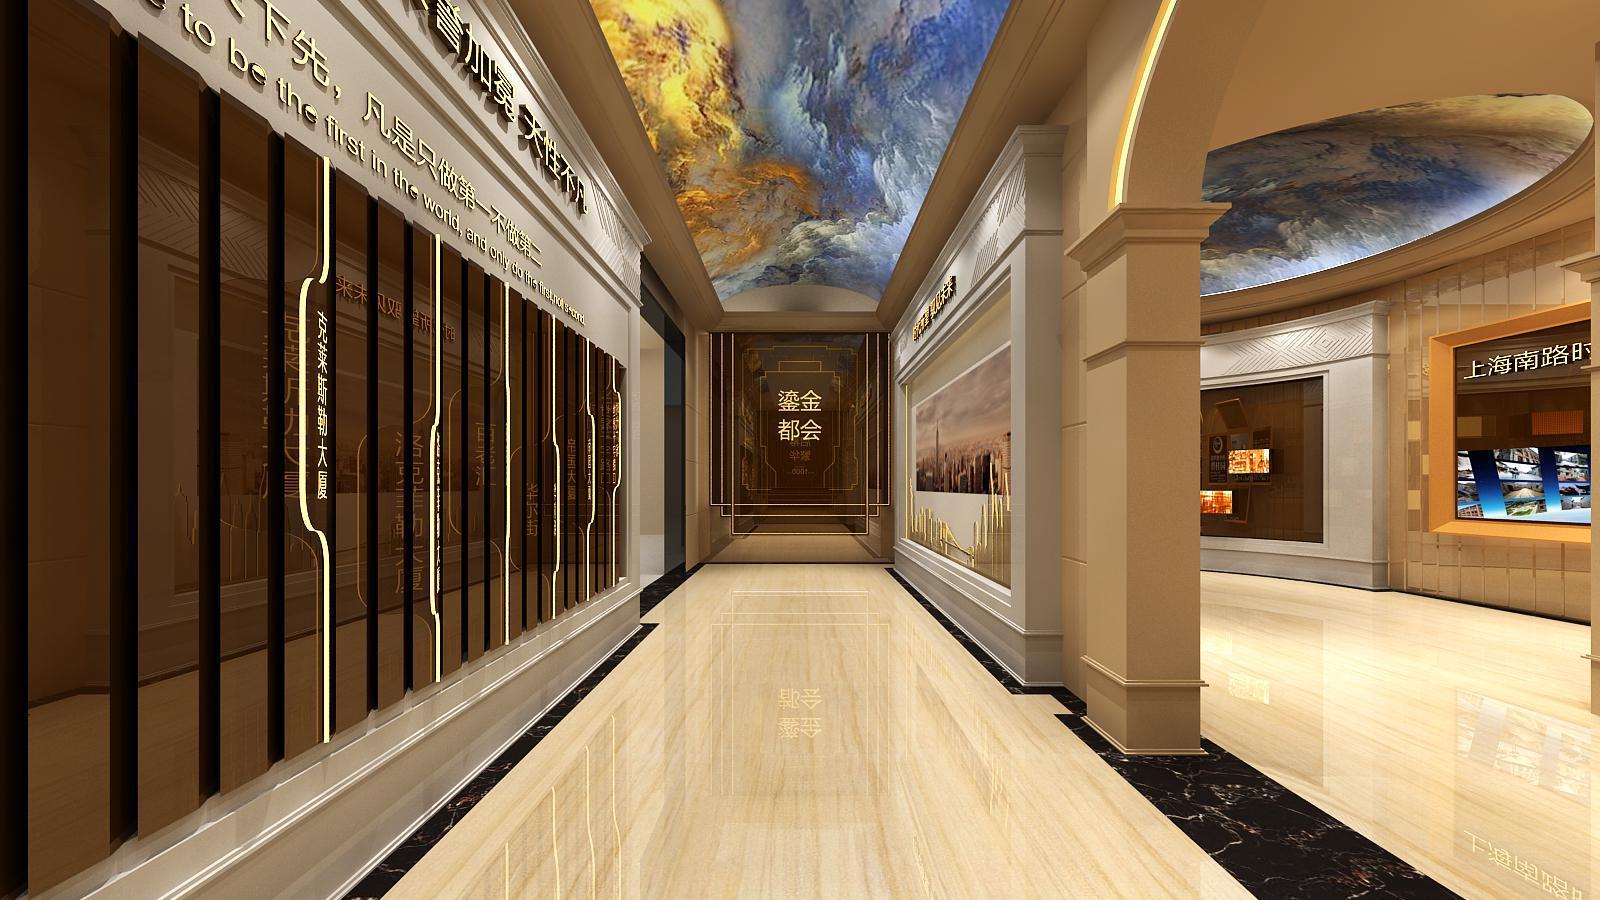 碧桂园新城体验馆设计方案之走廊墙面设计效果图